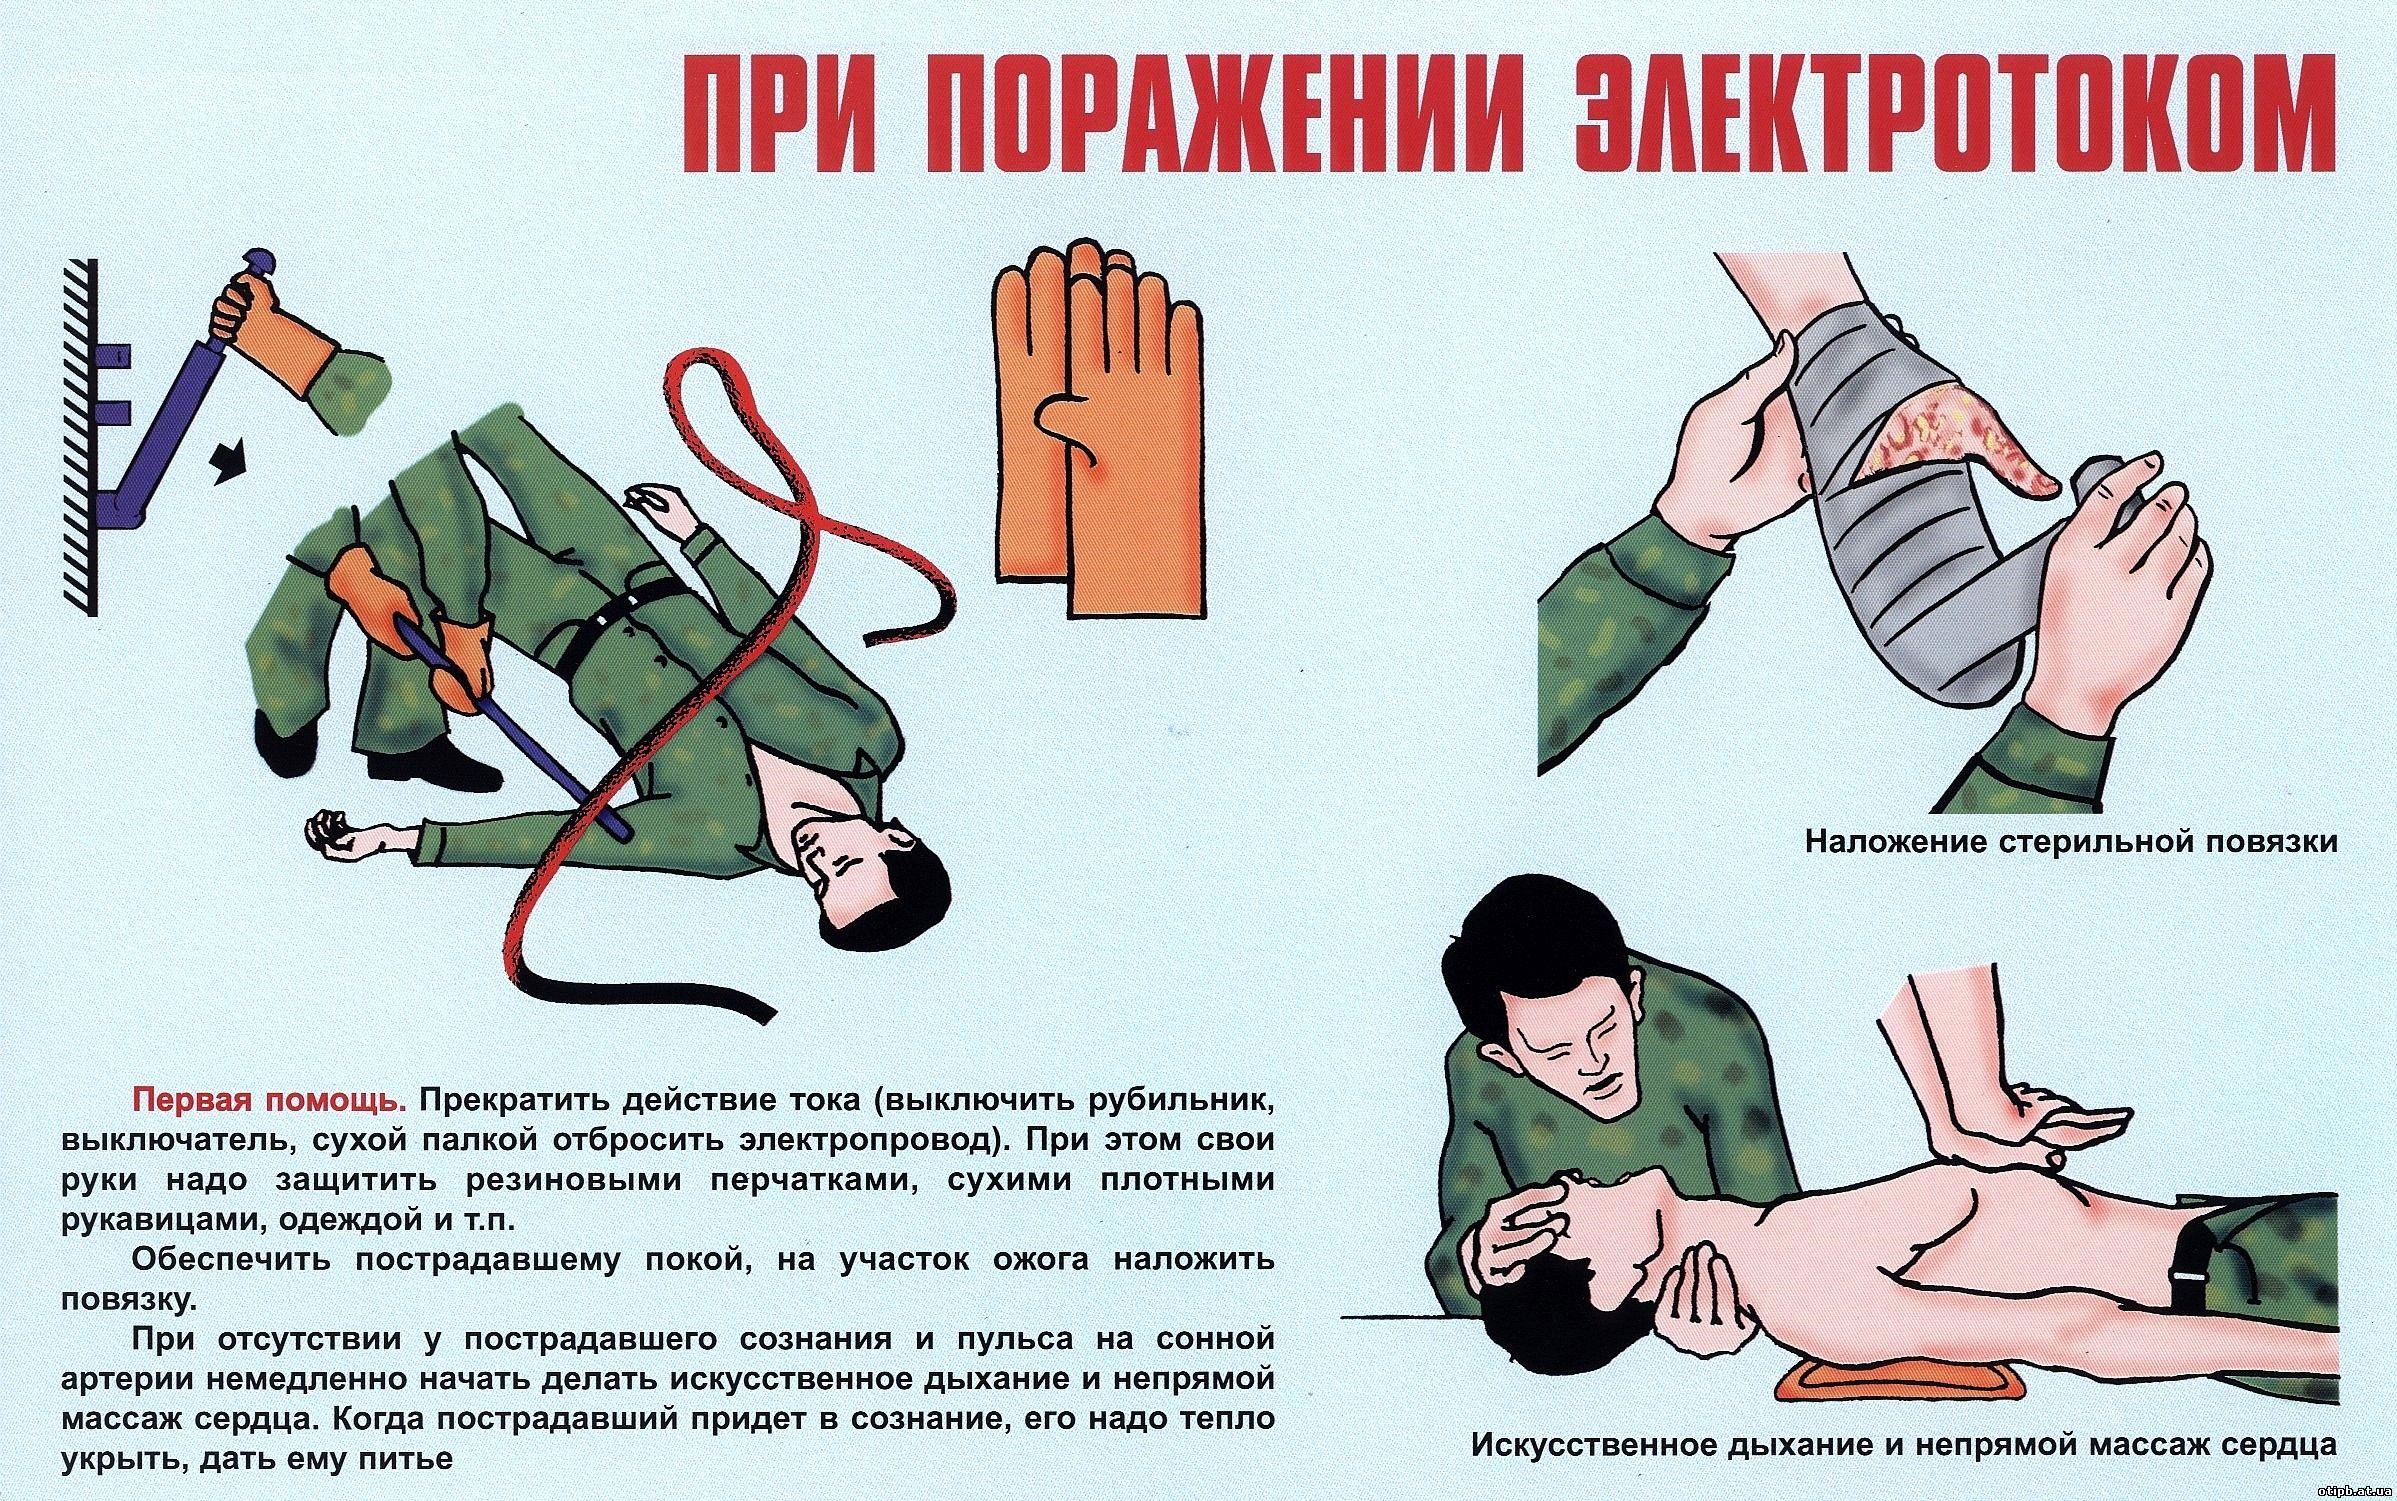 Инструкции по по оказанию первой помощи при поражении электрическим током